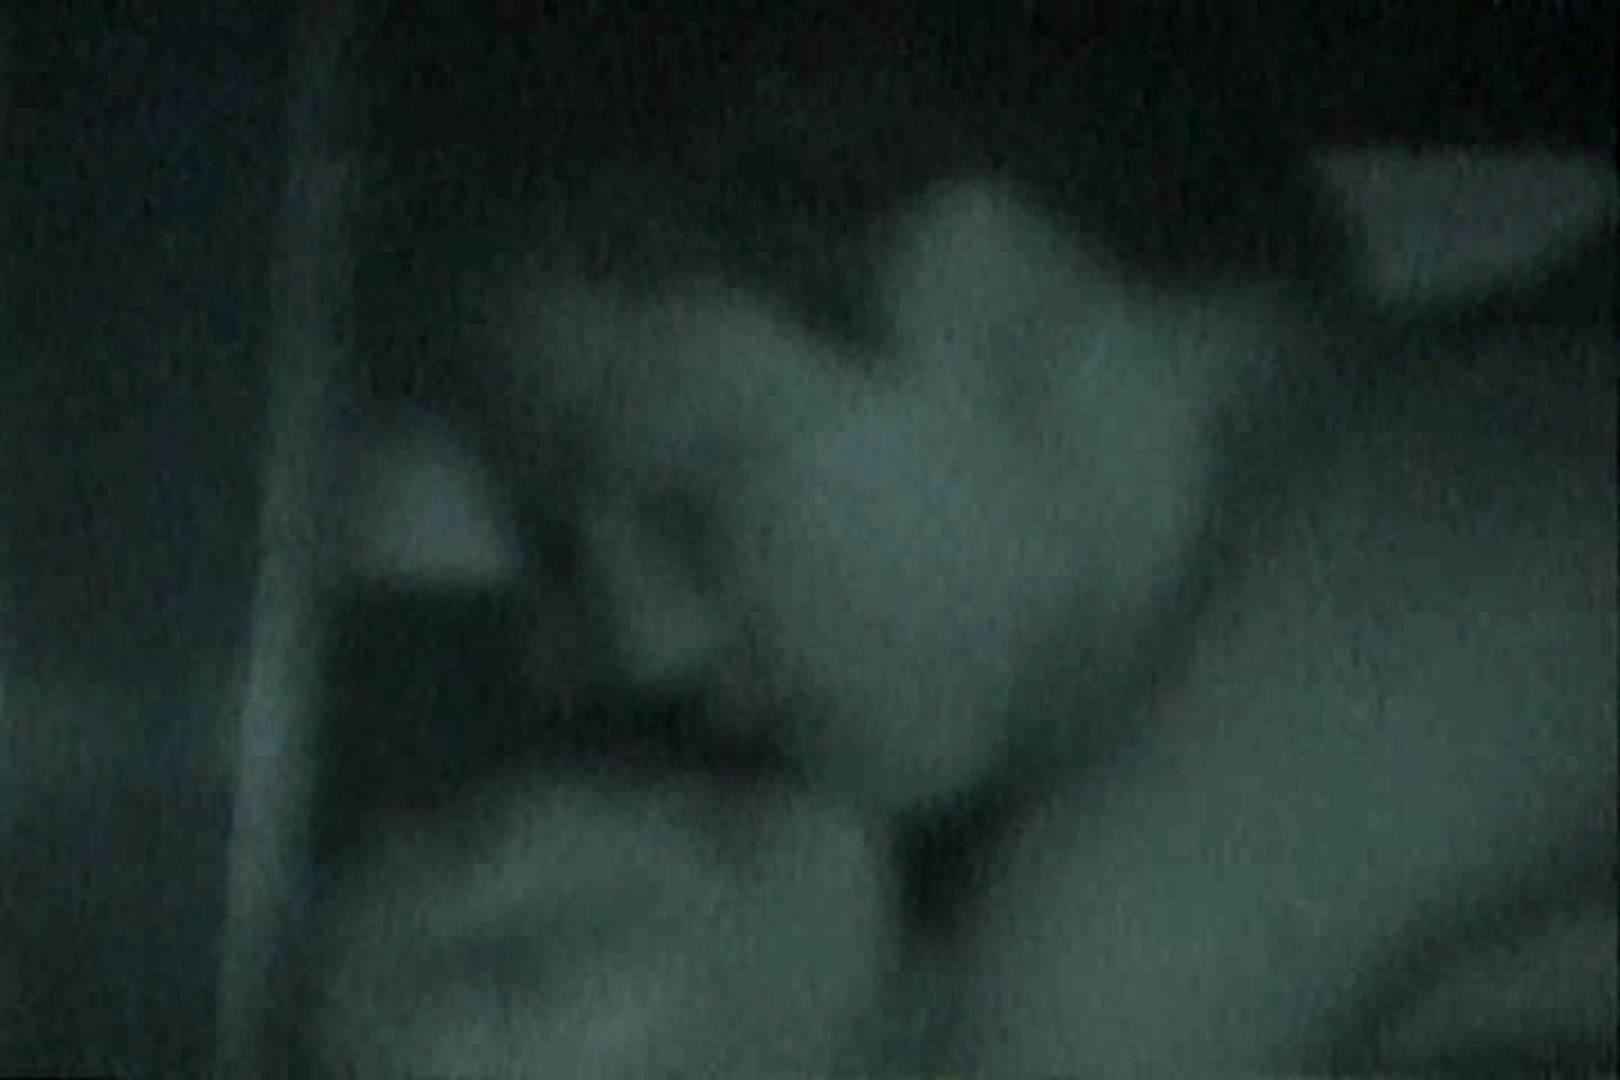 「充血監督」さんの深夜の運動会!! vol.125 お姉さんのSEX エロ画像 88枚 56